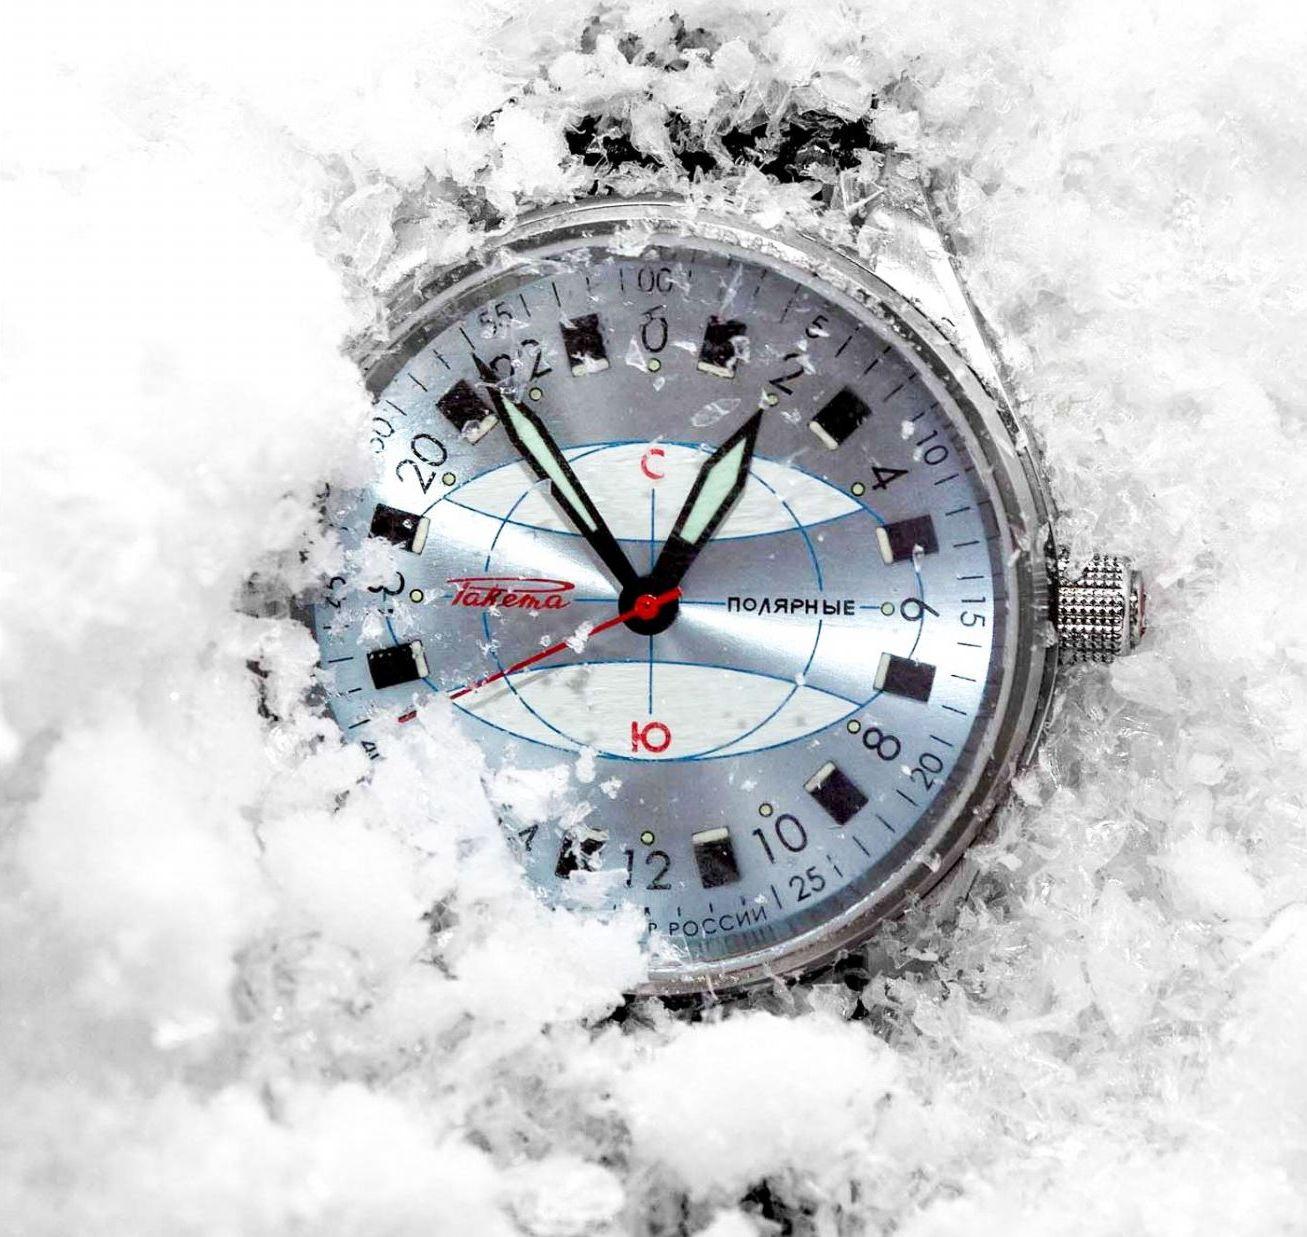 Polar Uhr Raketa